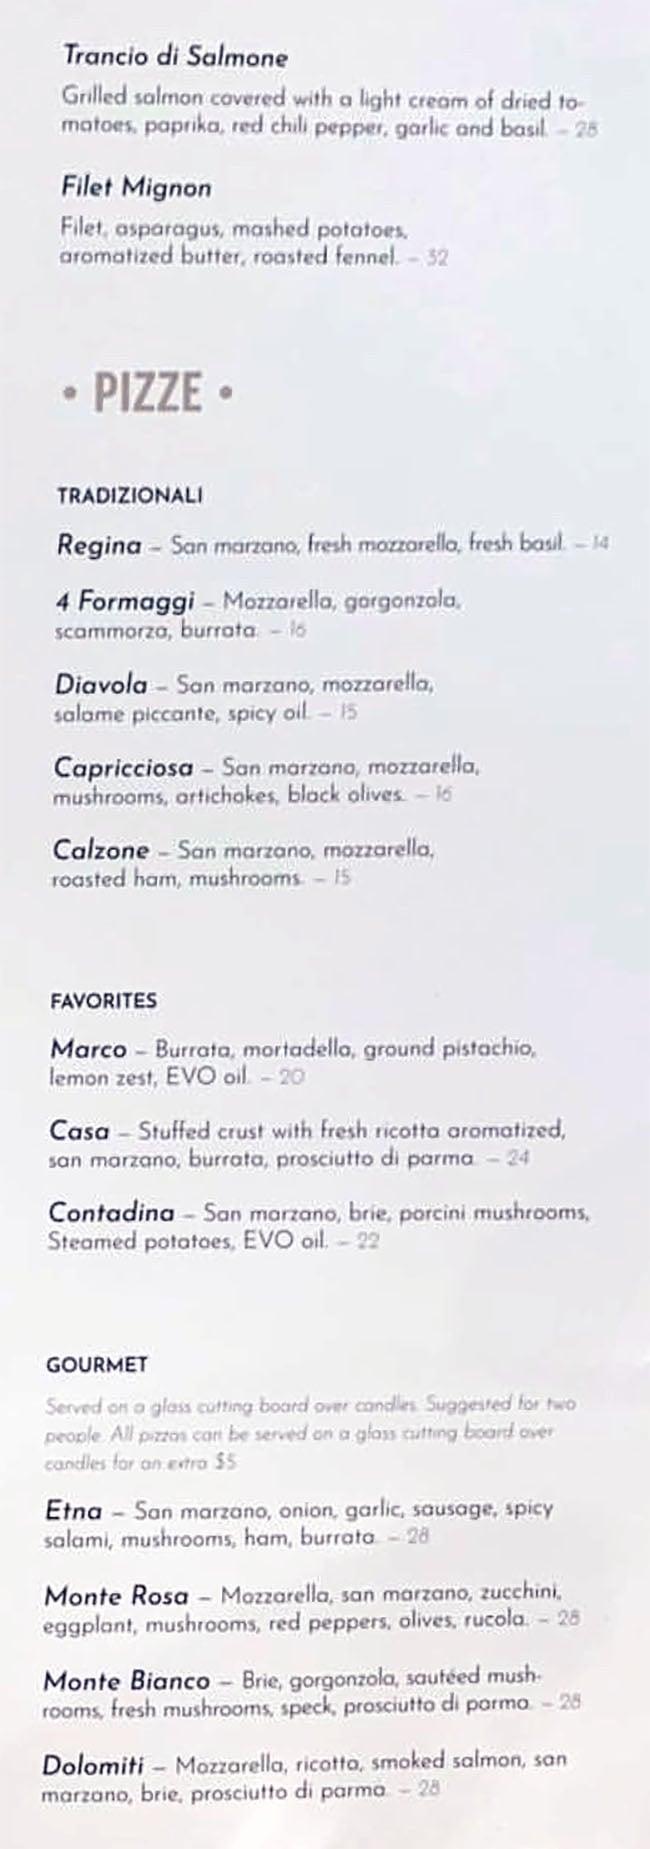 Osteria Amore menu - secondi, pizze